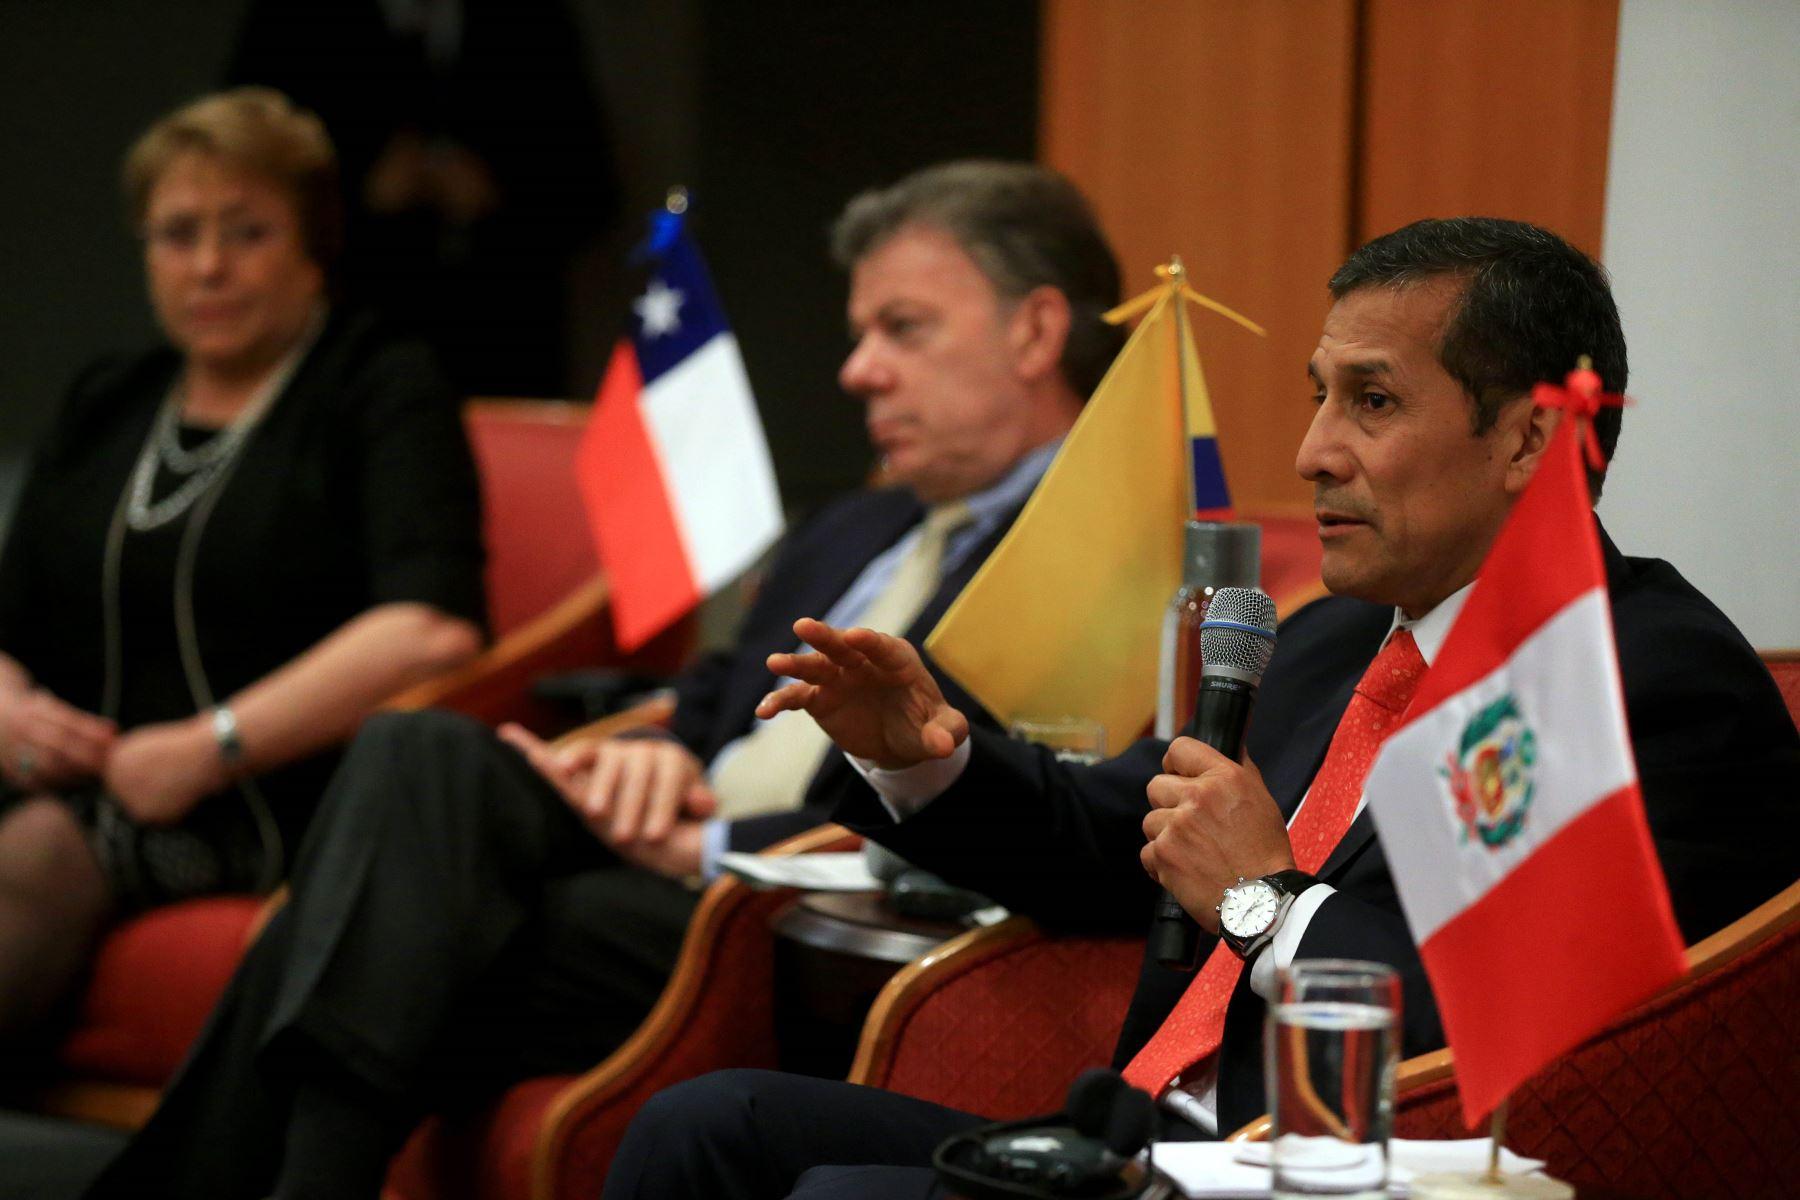 Jefe del Estado, Ollanta Humala, en la reunión de la Alianza del Pacífico en Nueva York.